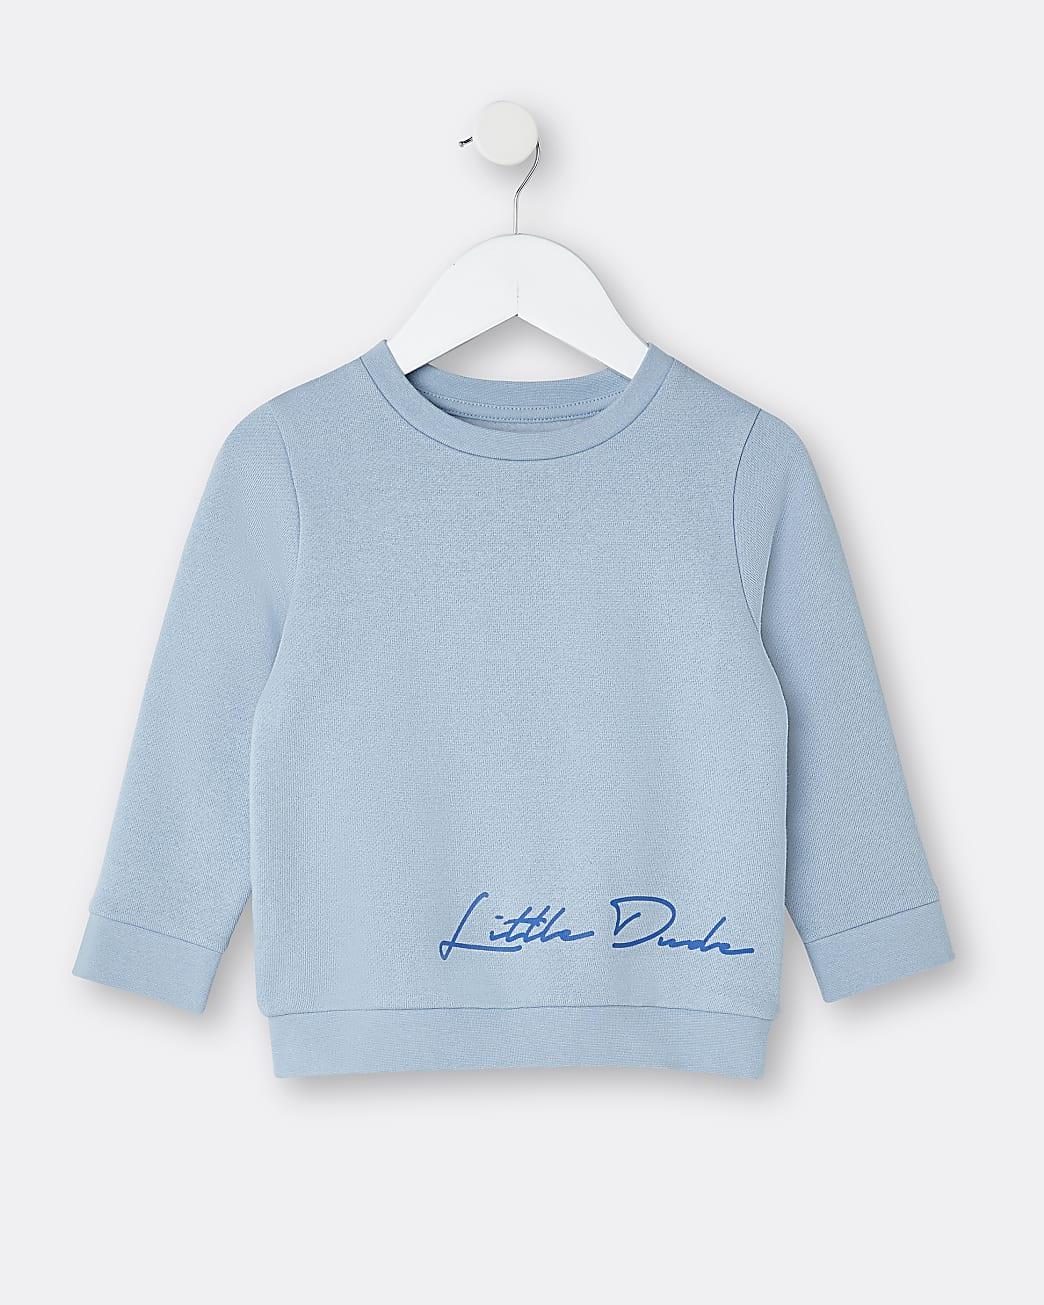 Mini boys blue 'Little Dude' sweatshirt